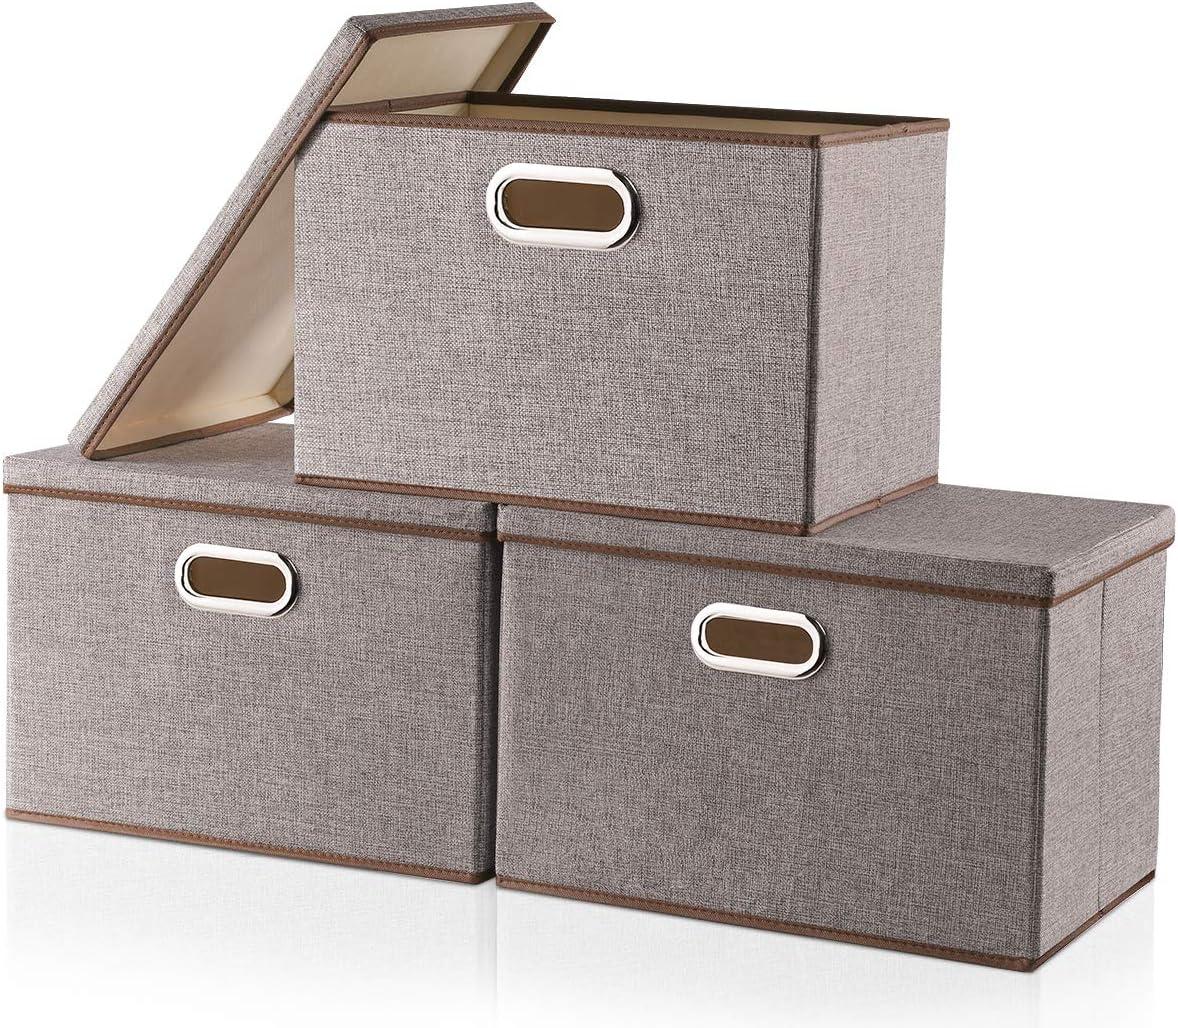 Cajas de almacenamiento grandes con tapa [3 unidades] tela de lino ...